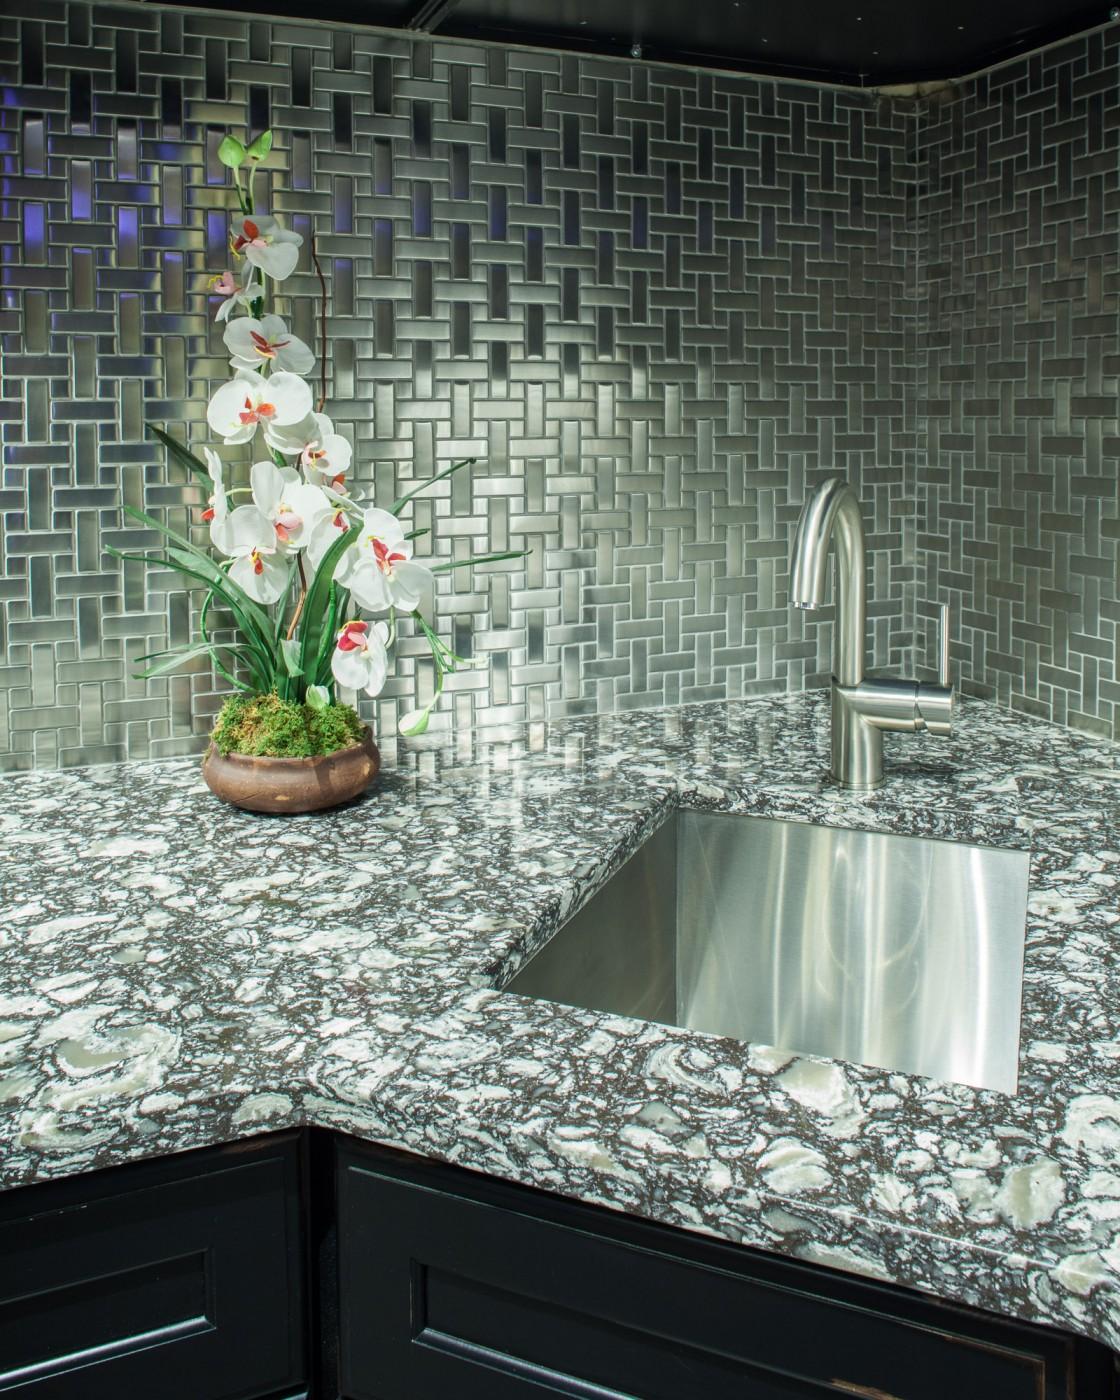 Braemar Cambria Kitchen, Sink And Backsplash Details